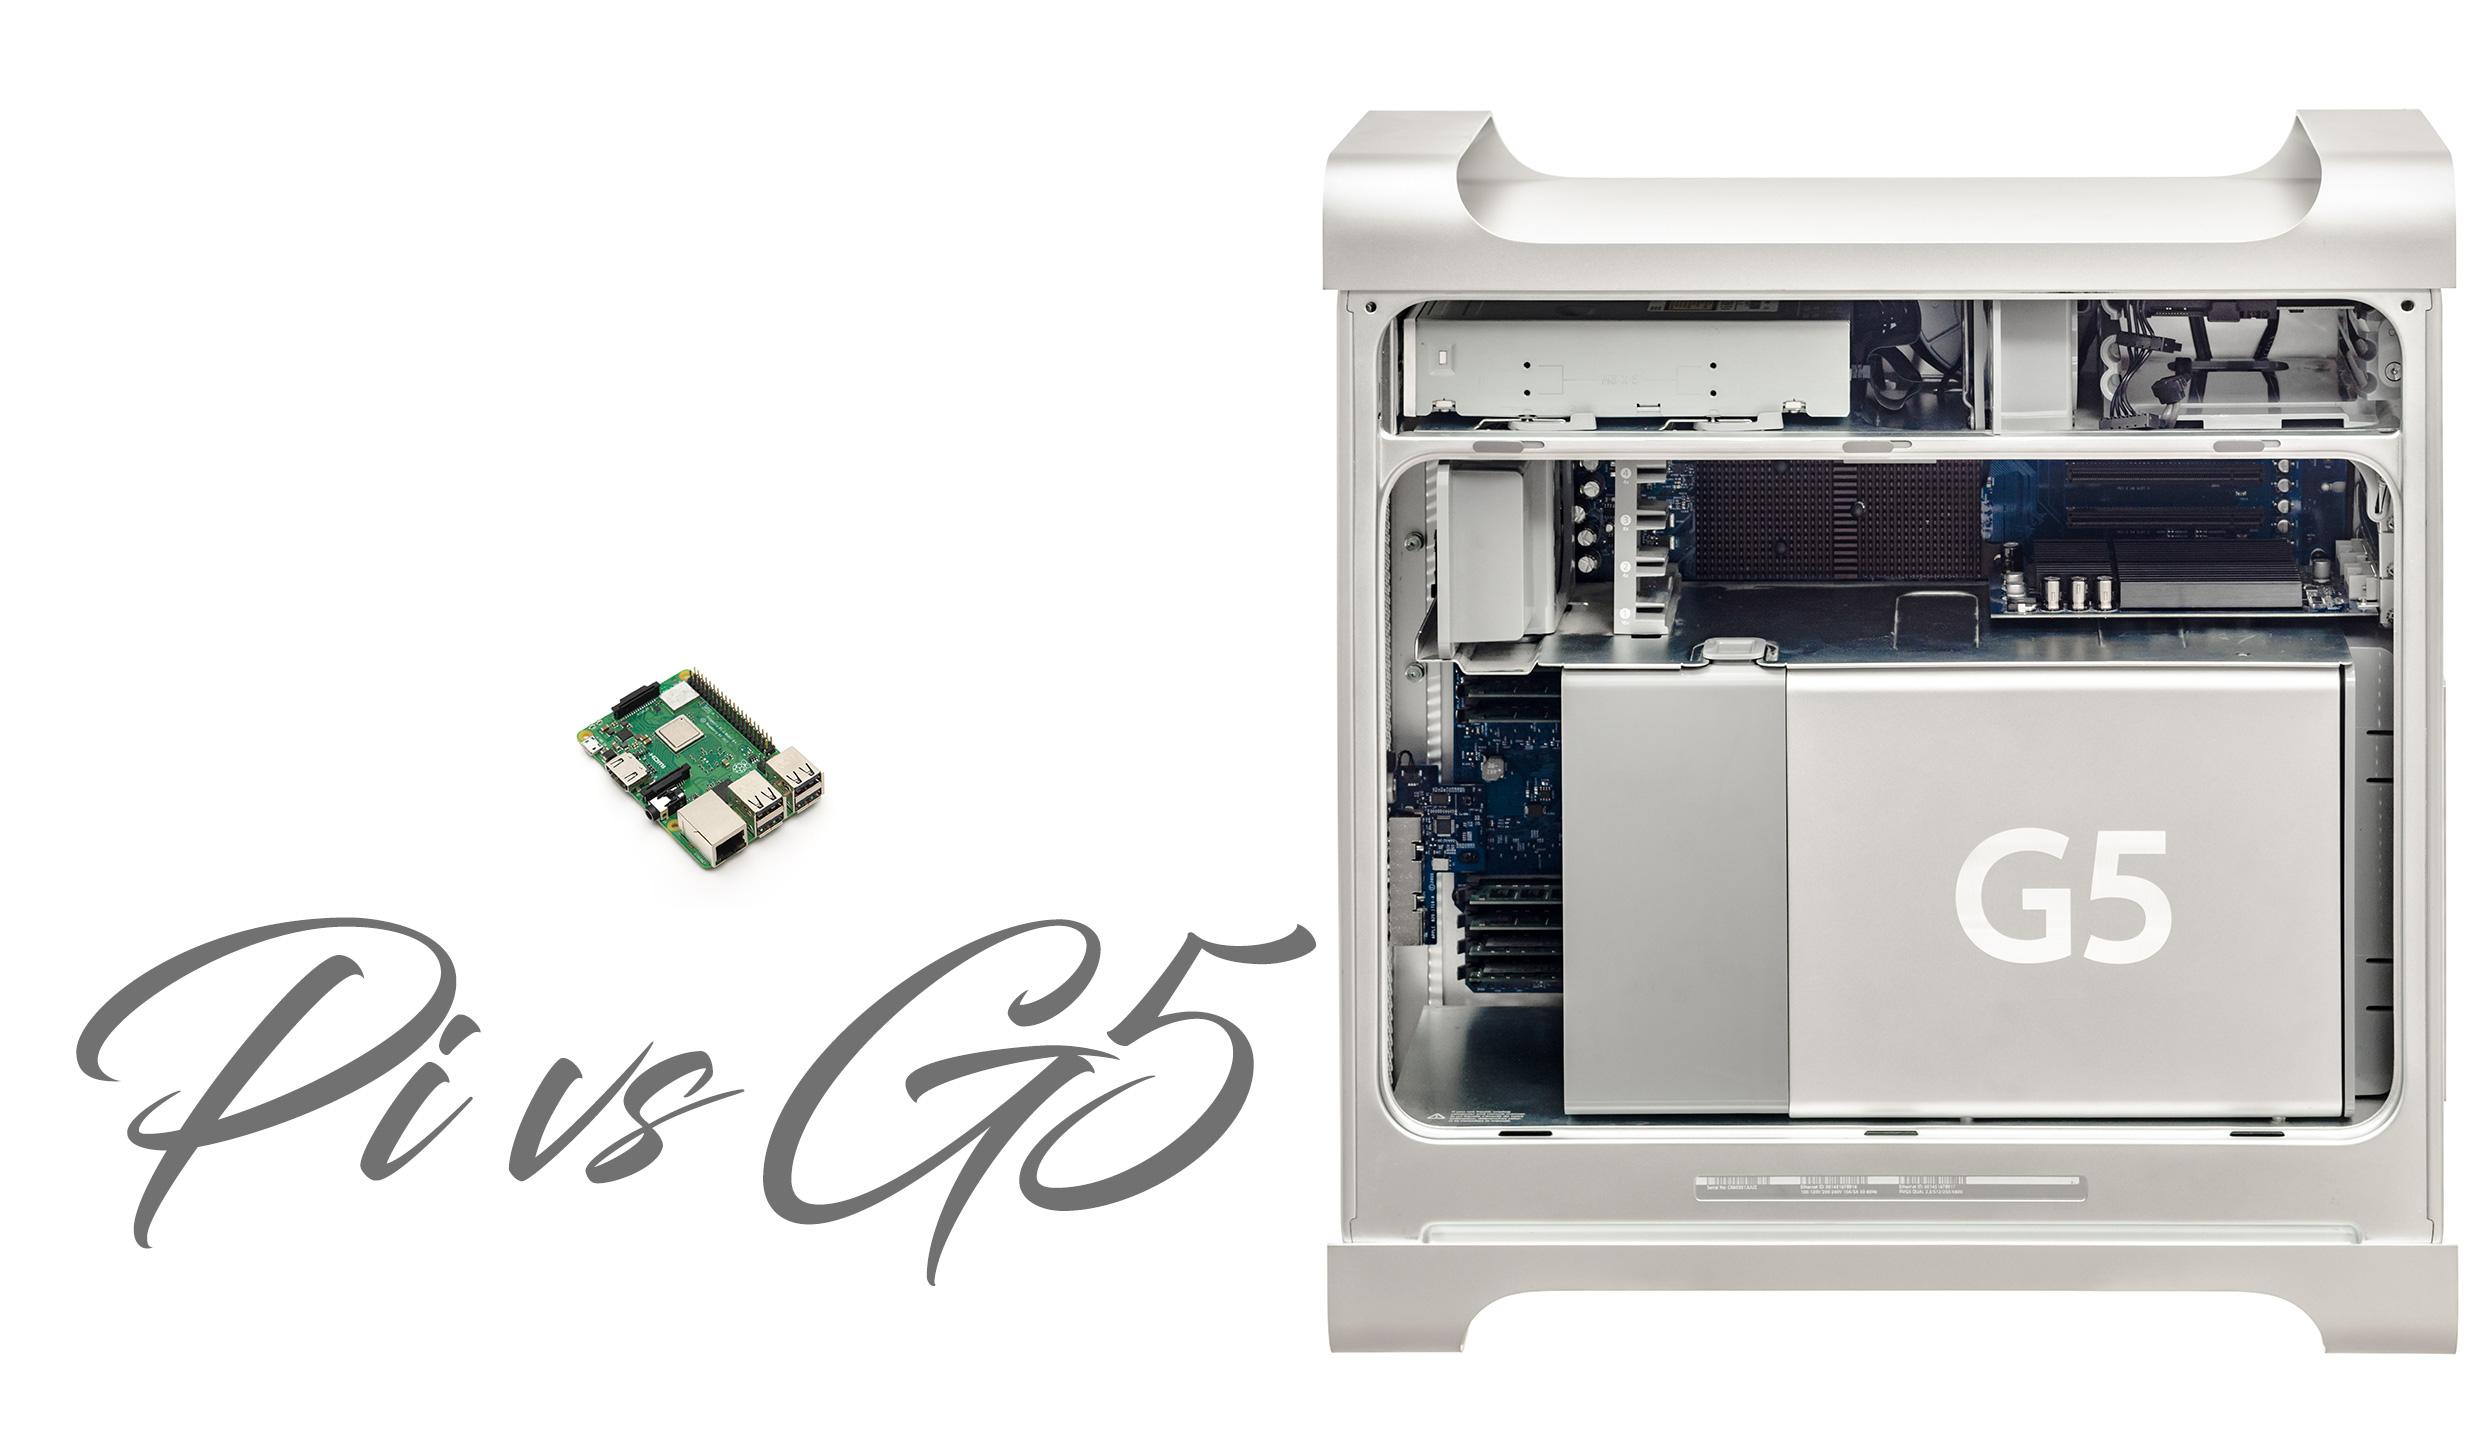 Pi-vs-G5.jpg